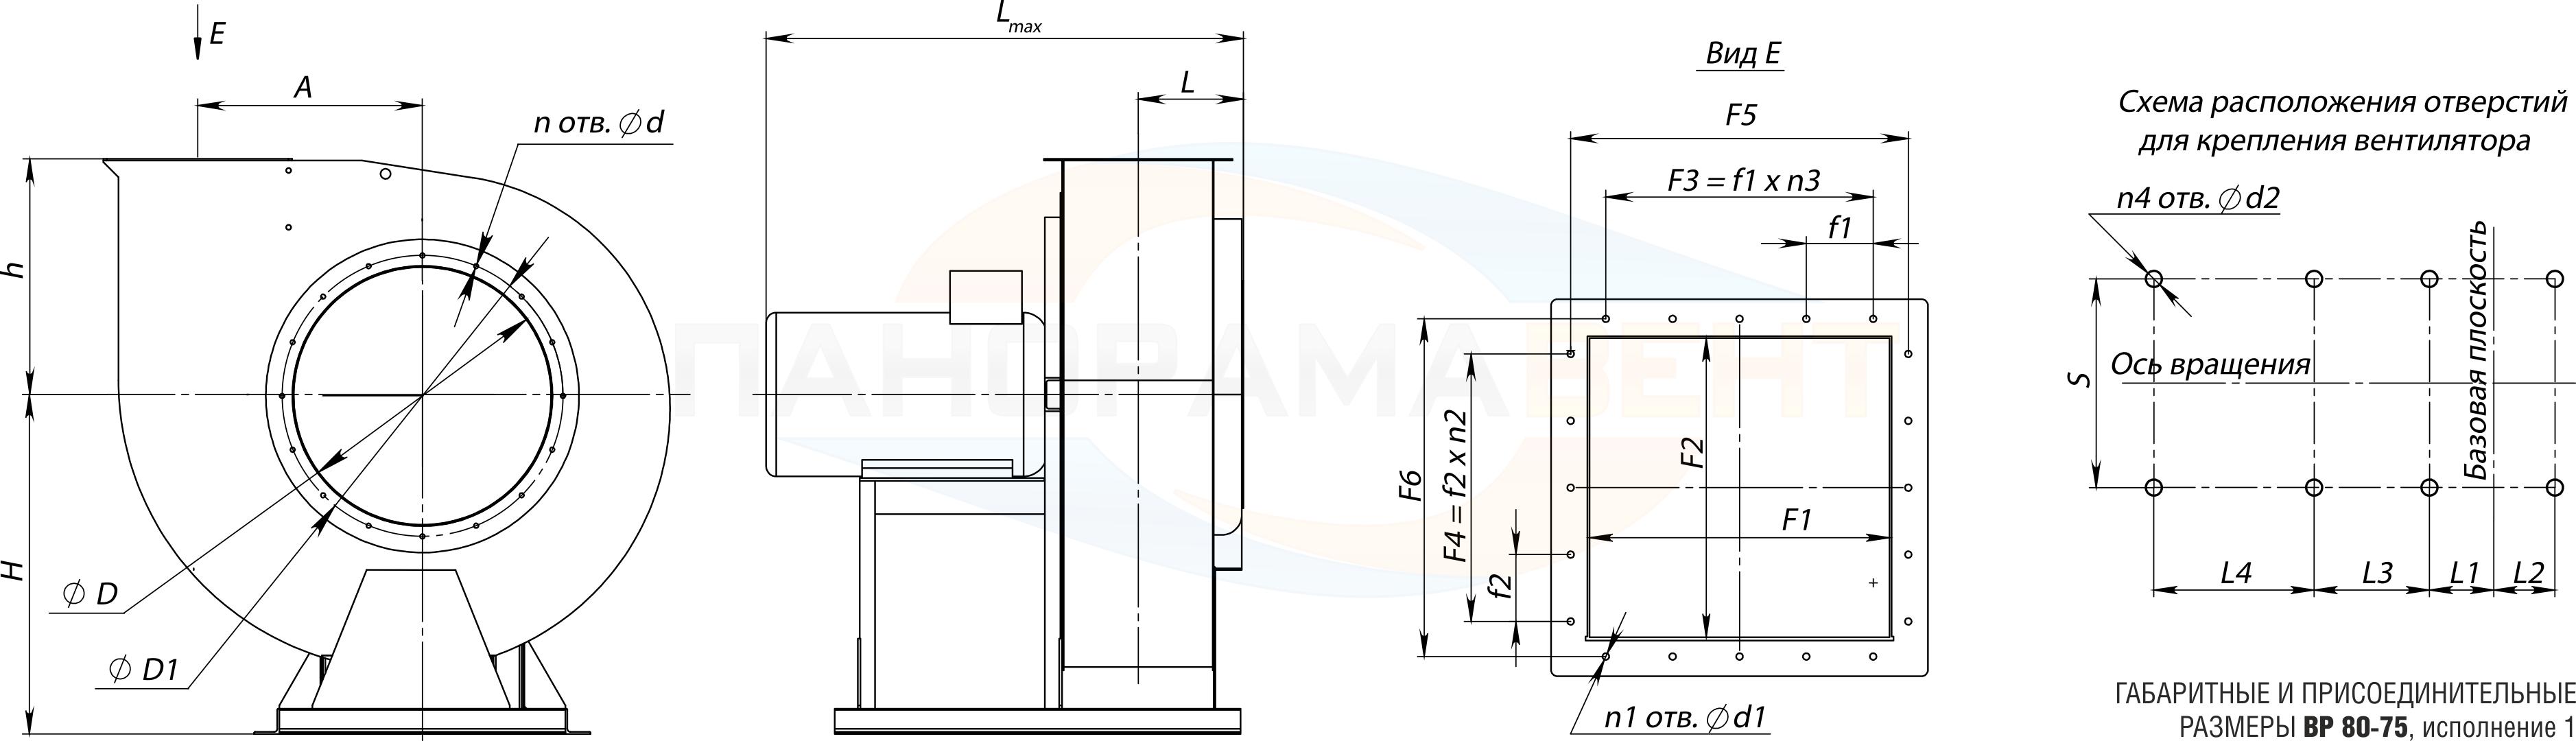 Габаритные и присоединительные размеры радиального вентилятора ВР 80-75 №5 Исполнение 1